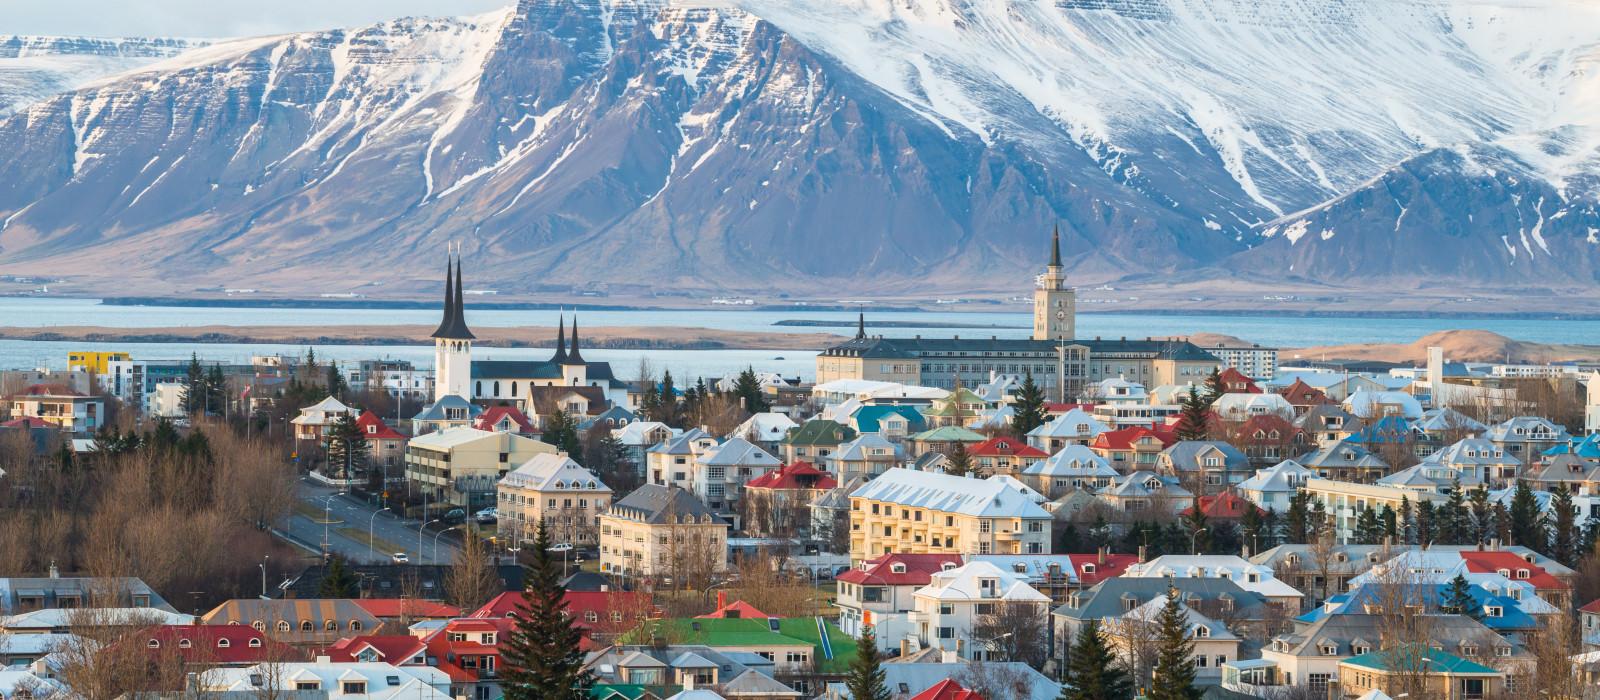 Destination Reykjavík Iceland